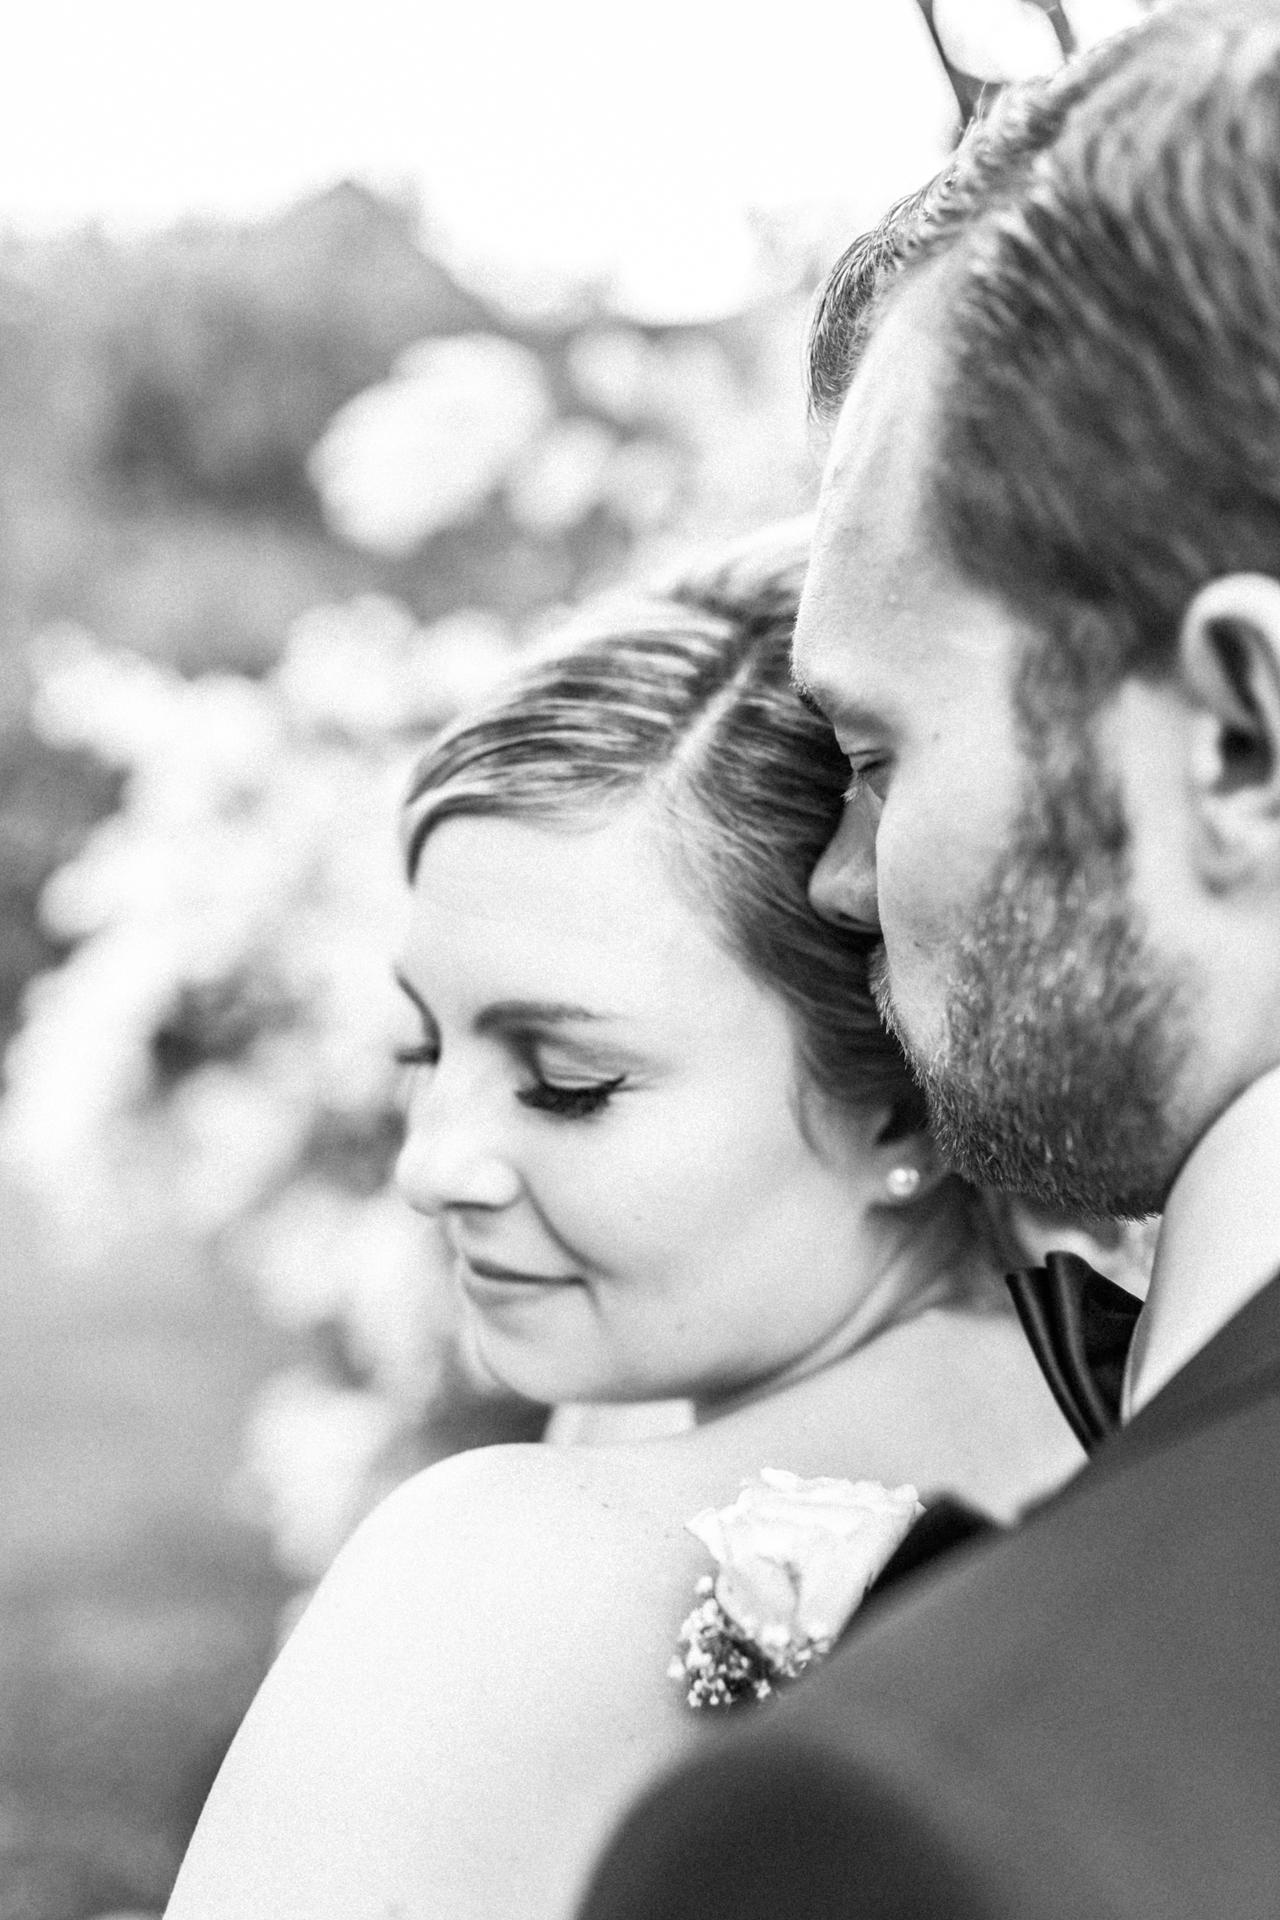 Hochzeit Eventscheune Dagobertshausen - Julia & Florian - Sandra Socha Fotografie - 88